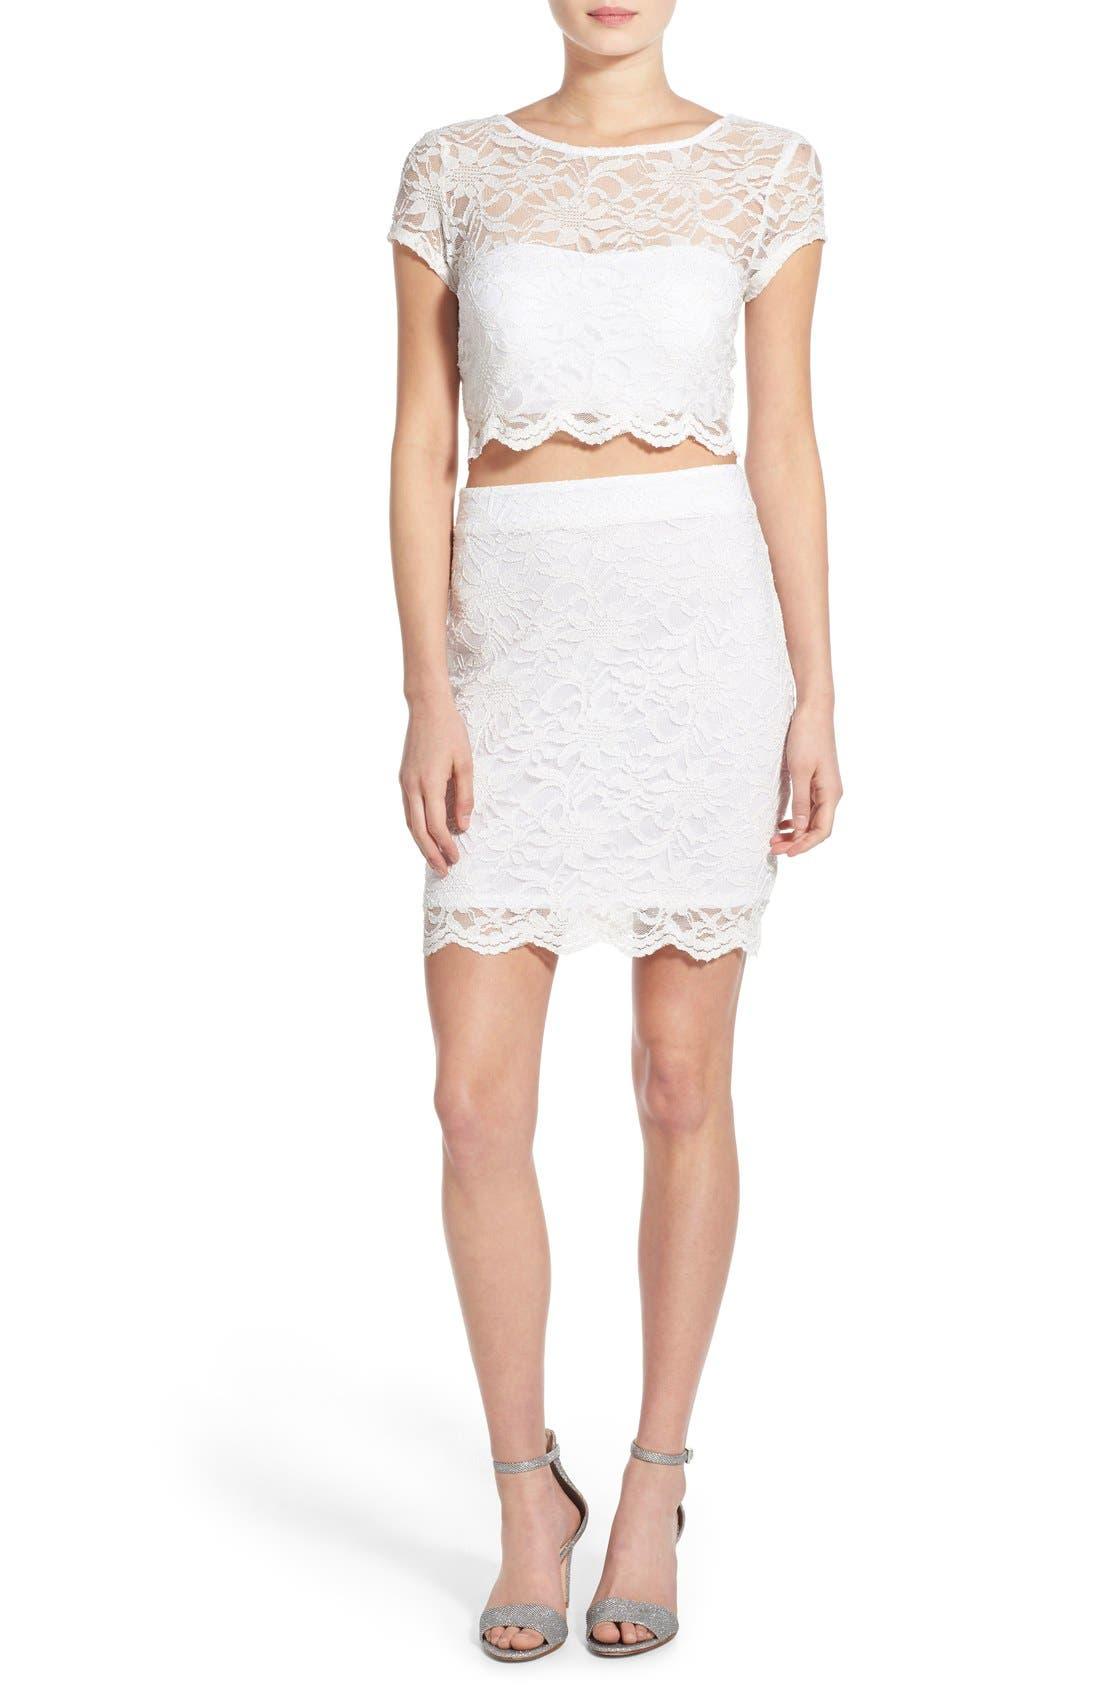 Main Image - Speechless Glitter Lace Two-Piece Sheath Dress